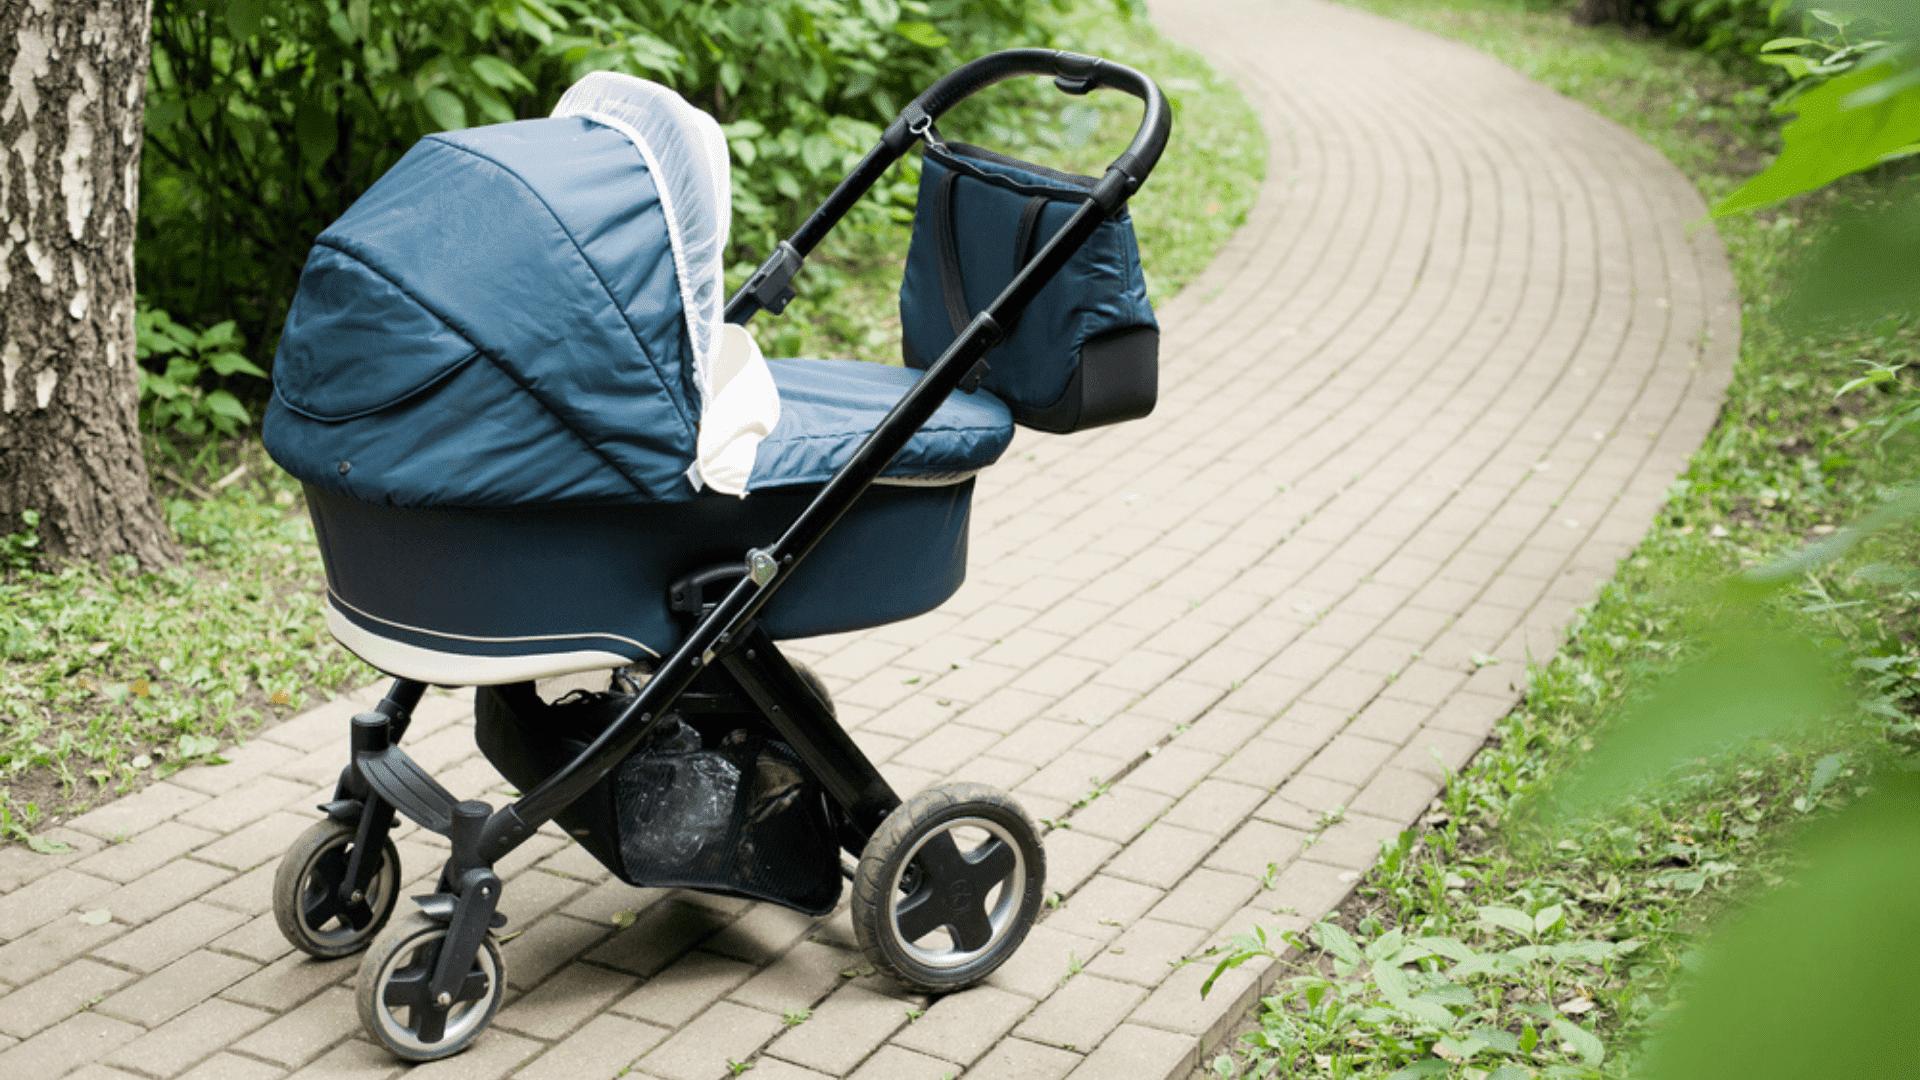 Veja a nossa seleção dos melhores carrinhos de bebê de 2021! (Imagem: Reprodução/Shutterstock)